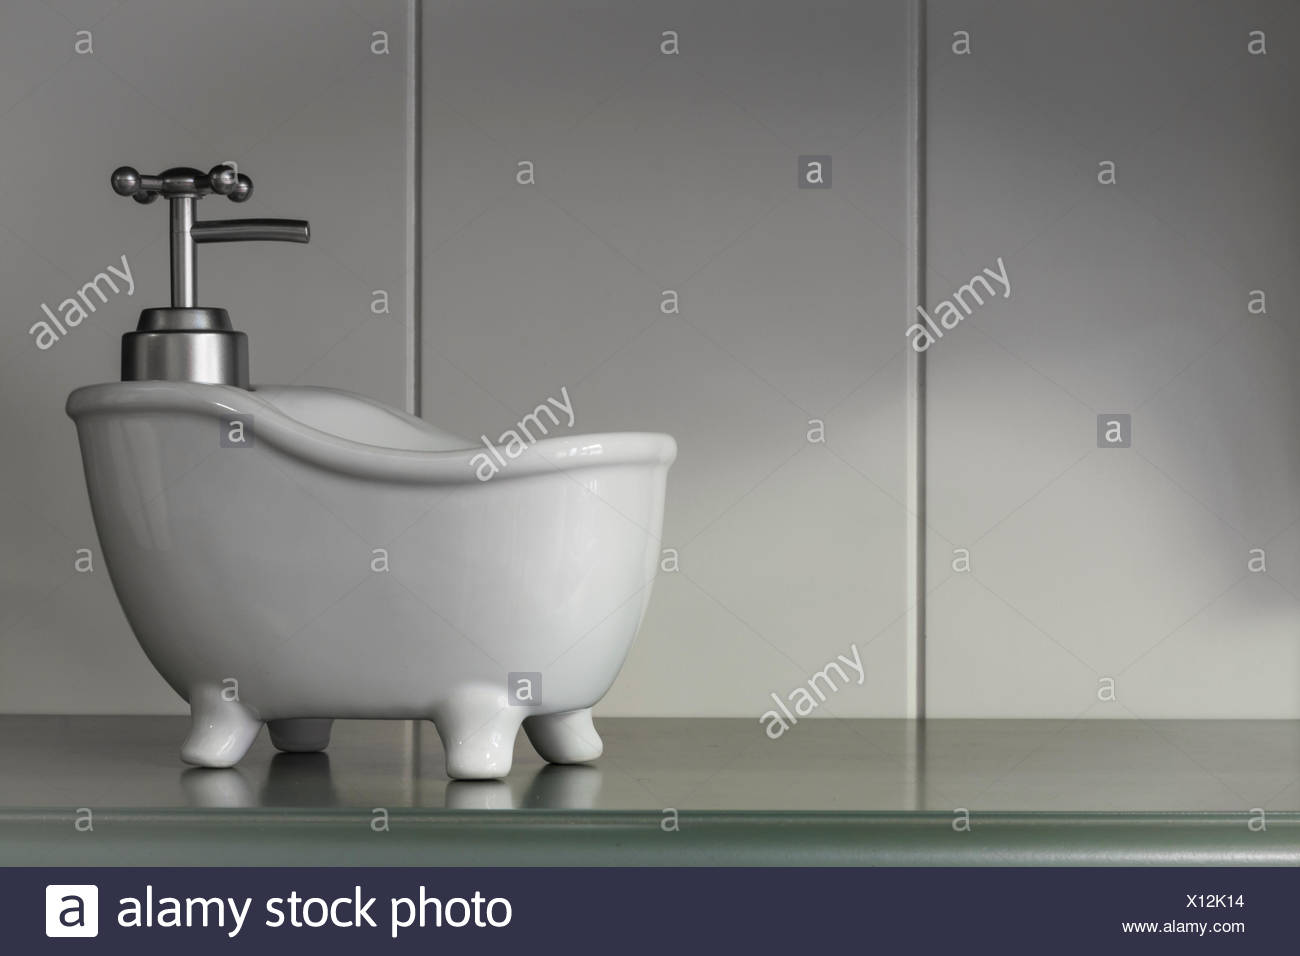 Vasca Da Bagno Retro : Vintage piccola vasca da bagno dispenser di sapone sul pannello di